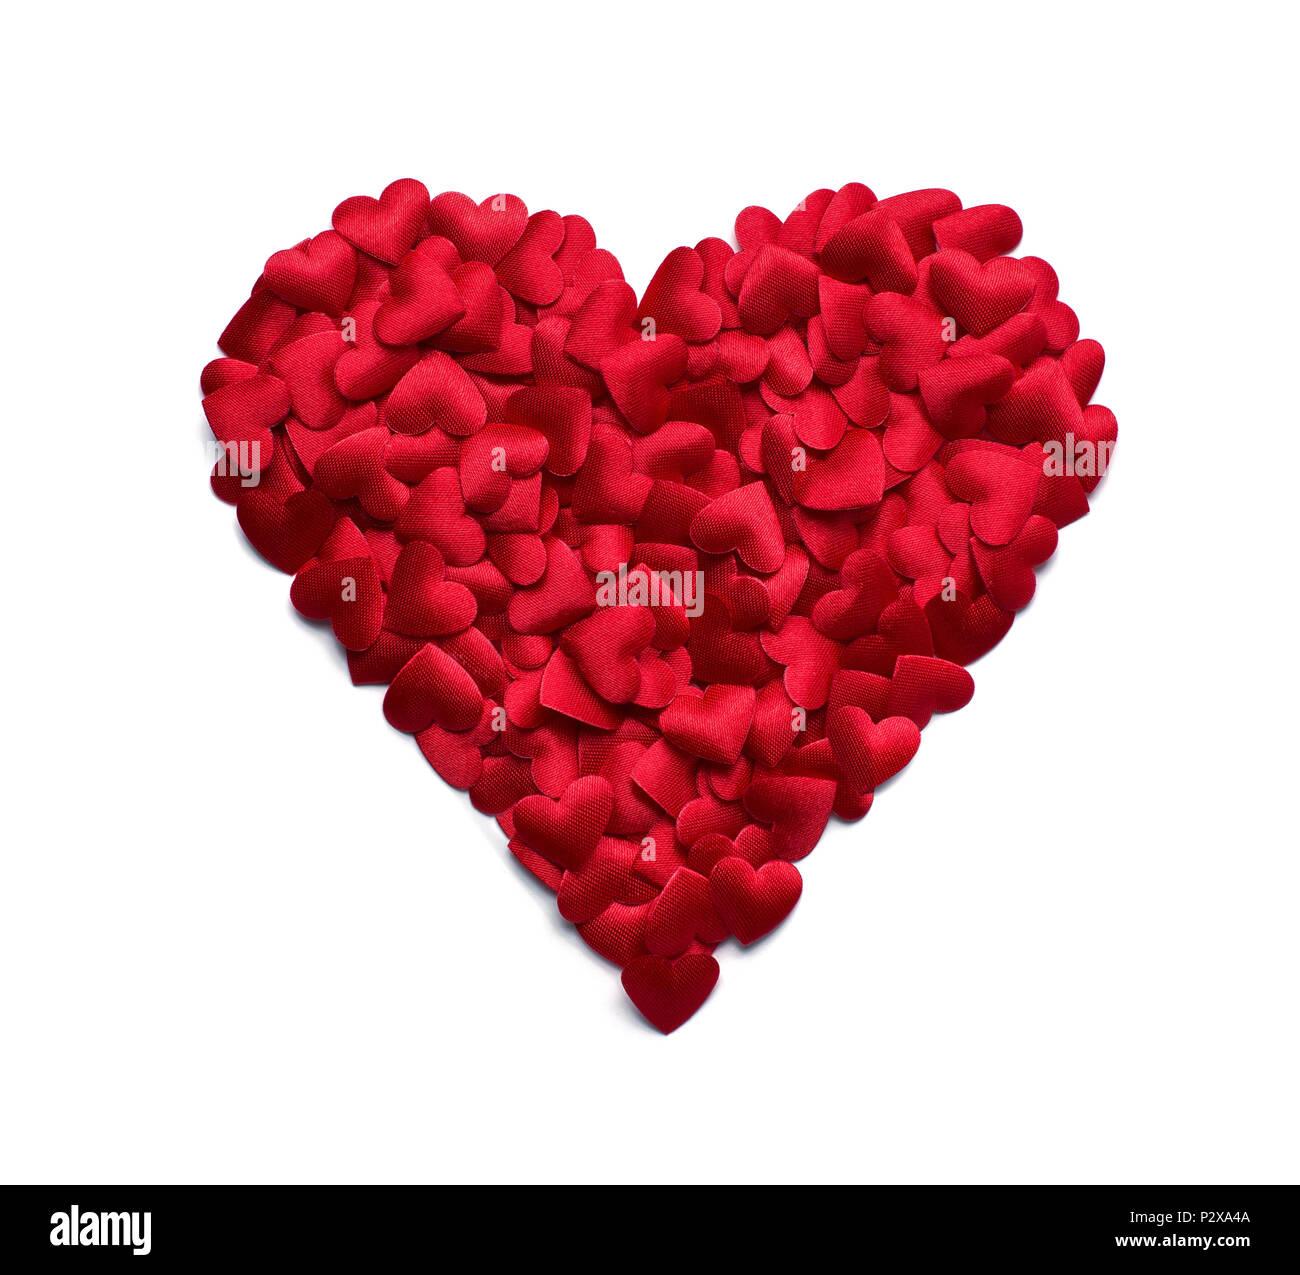 Rojo Con Forma De Corazón Hecho De Muchos Pequeños Confeti Corazones